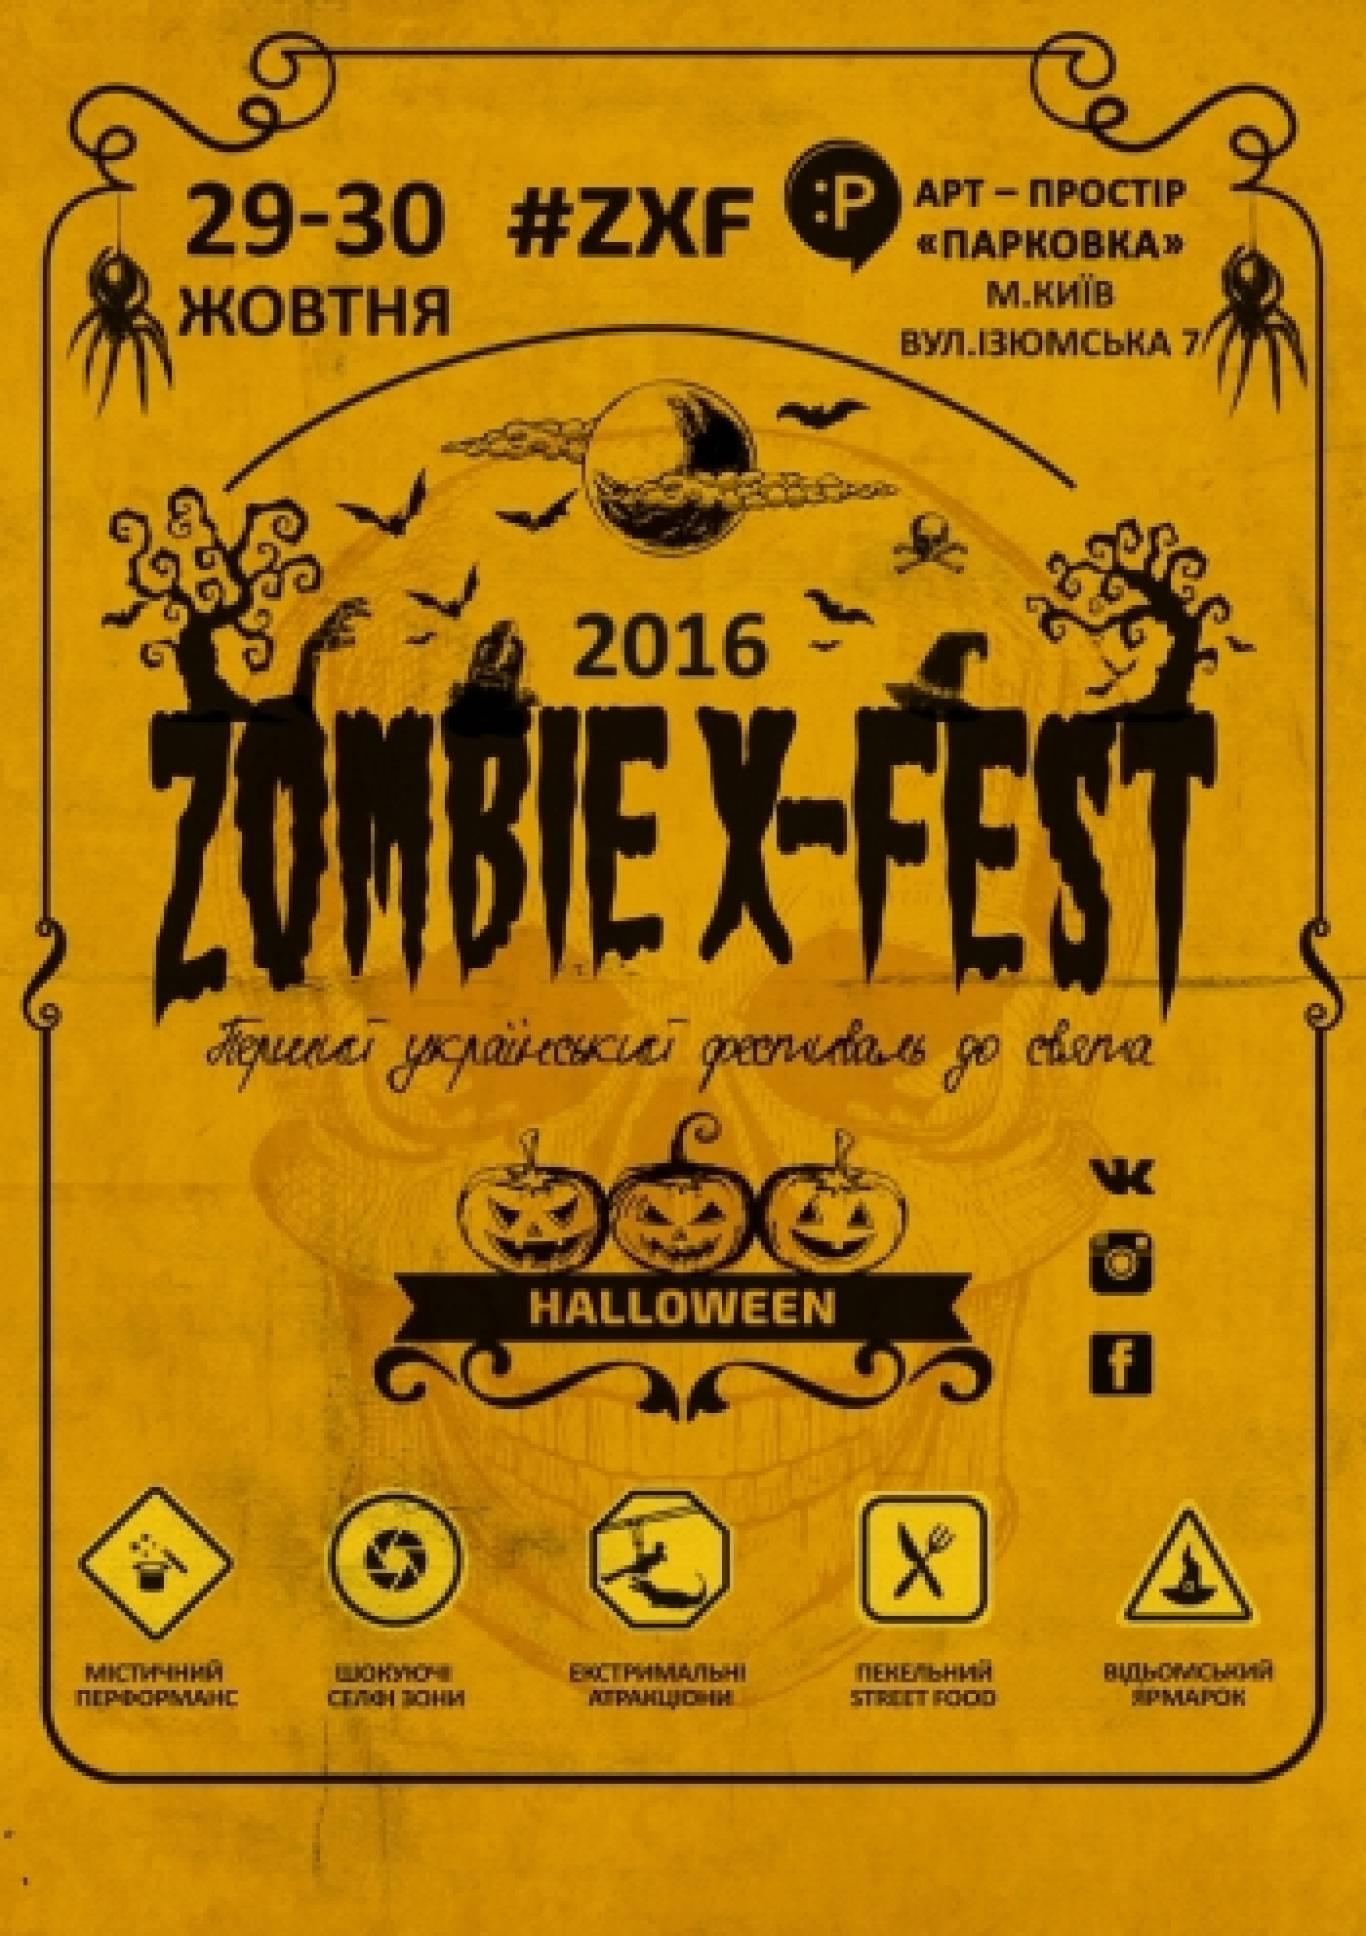 Фестиваль Zombie X-fest 2016